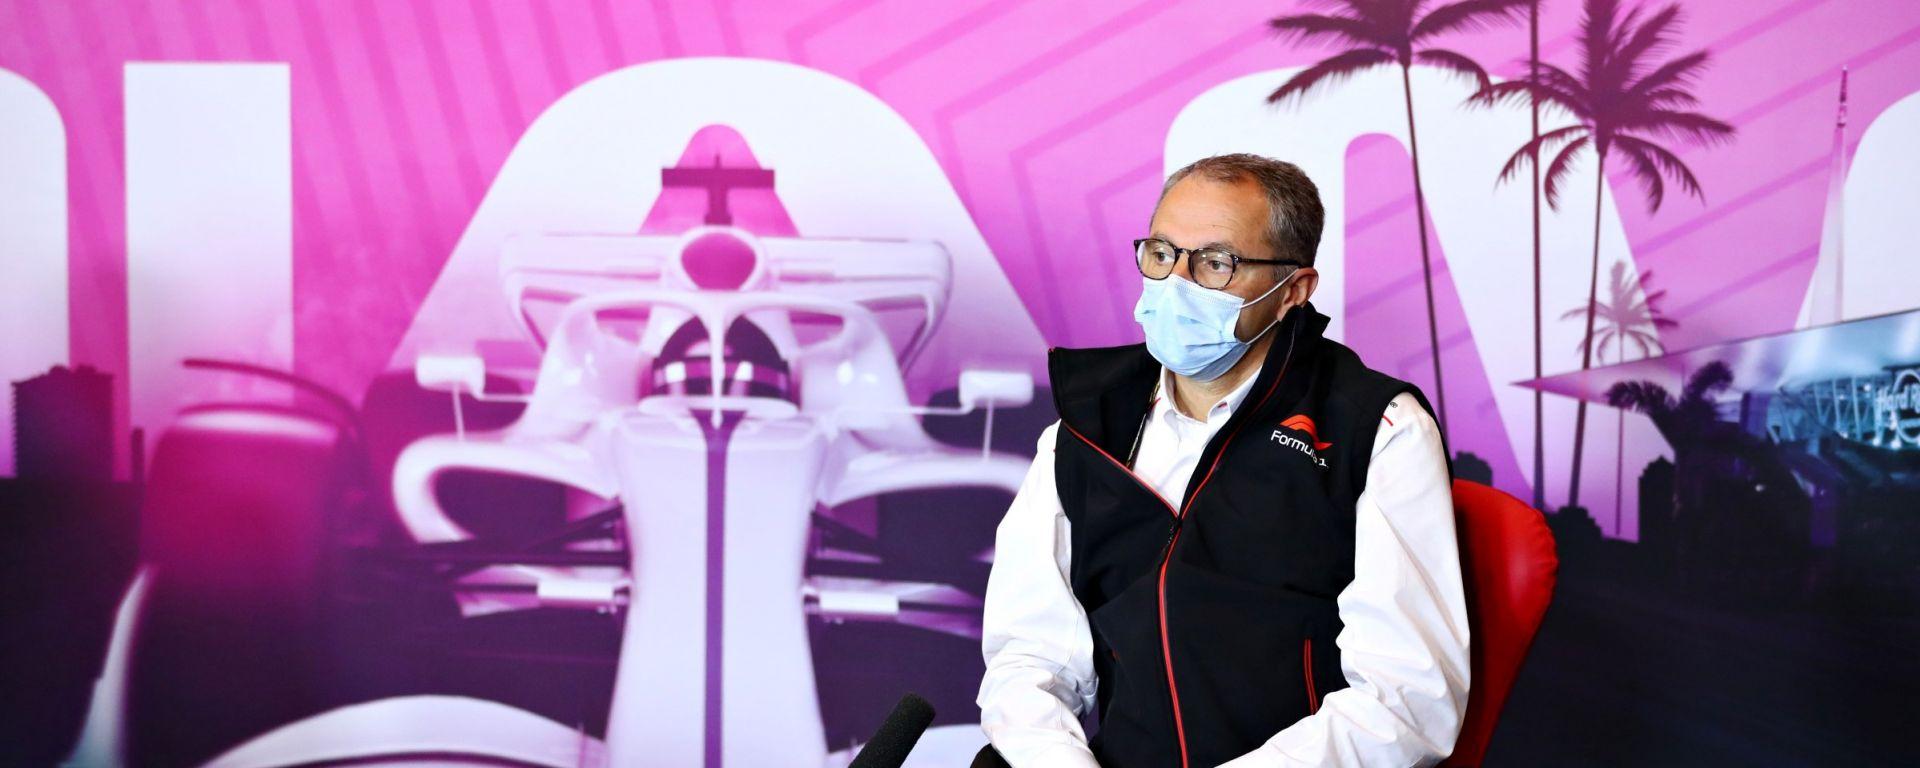 F1 2021: Stefano Domenicali, CEO della Formula 1